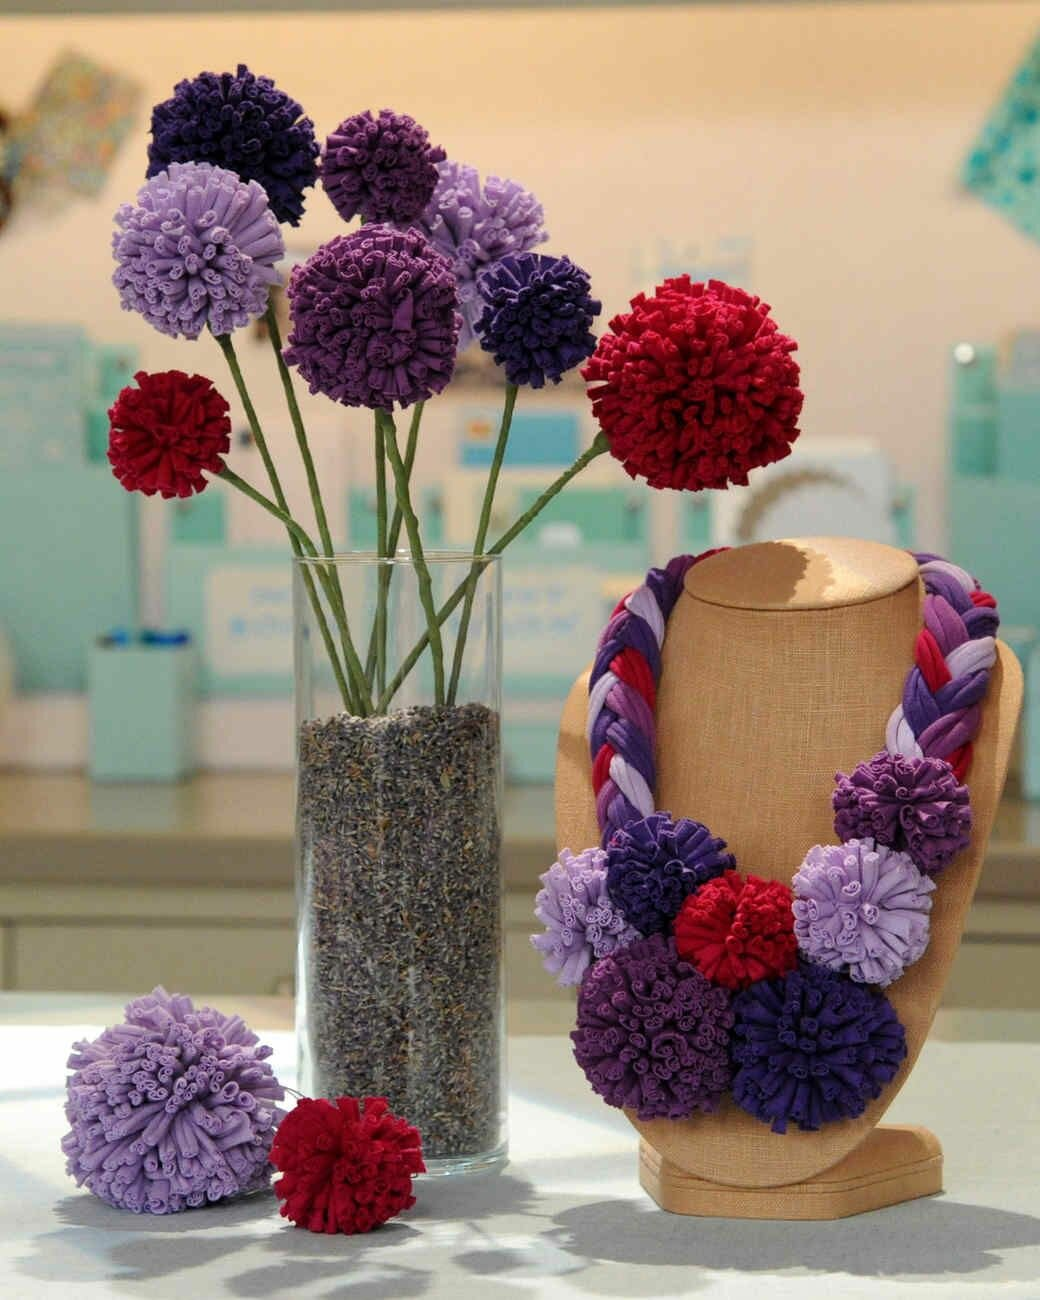 Видео уроки флористики для начинающих: сочетание цветов в букетах, как правильно?